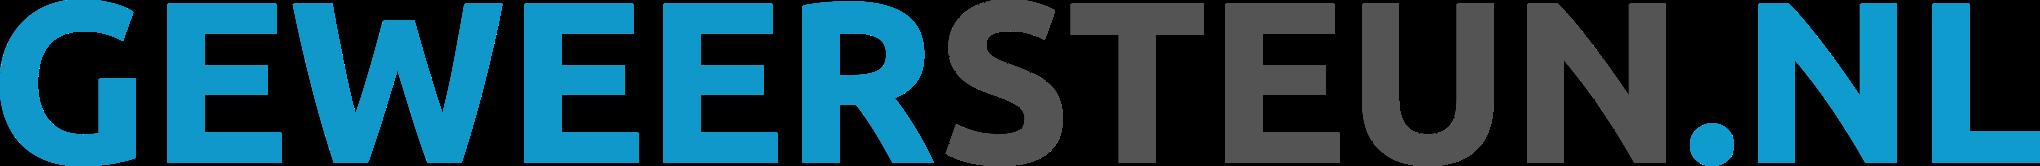 Geweersteun Webshop